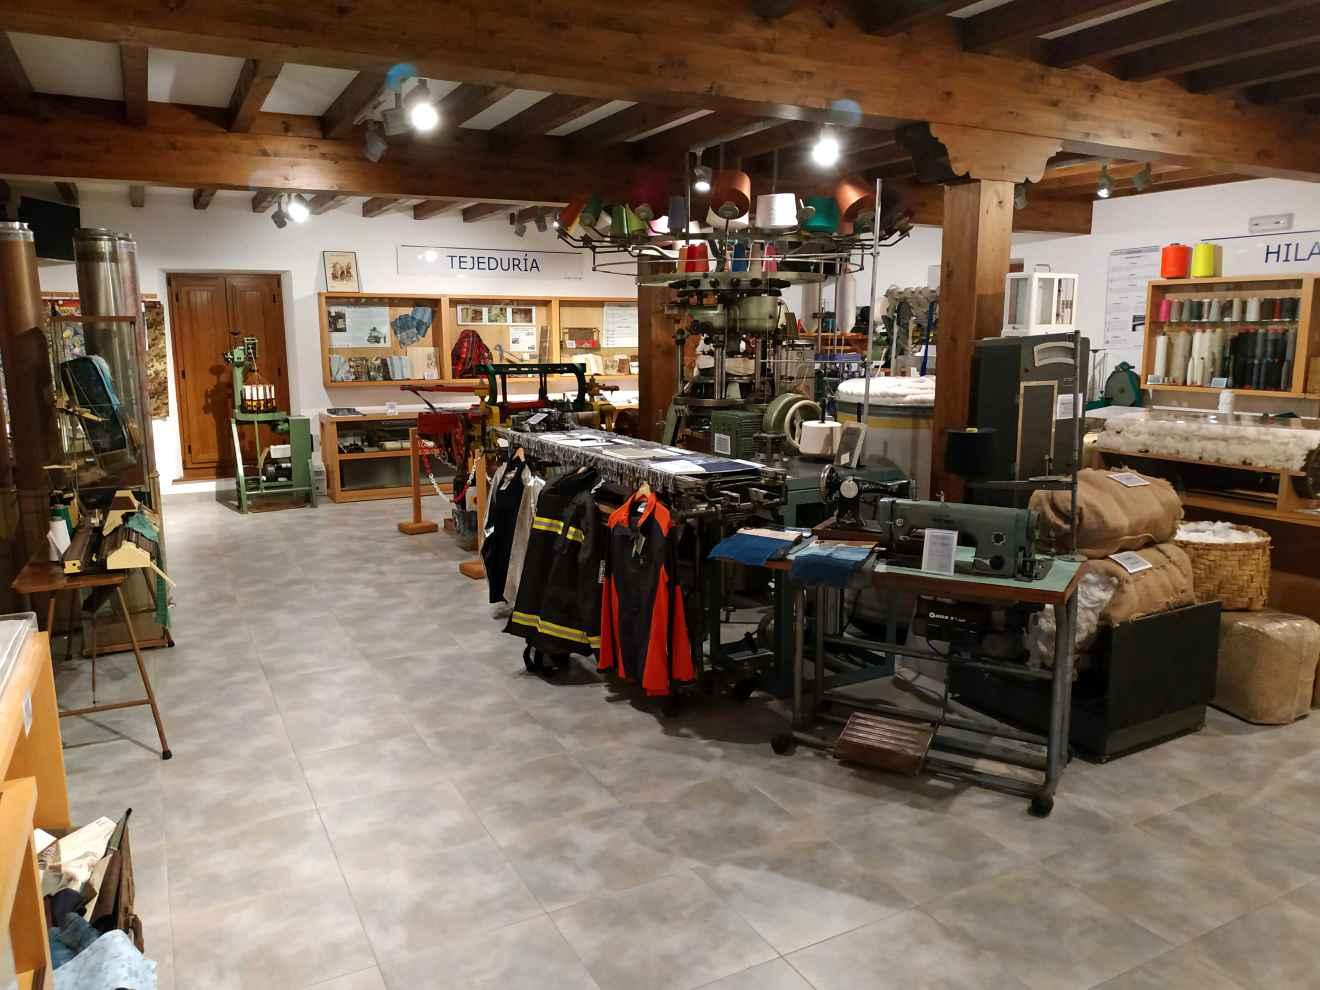 Sala del museo de Arte Textil